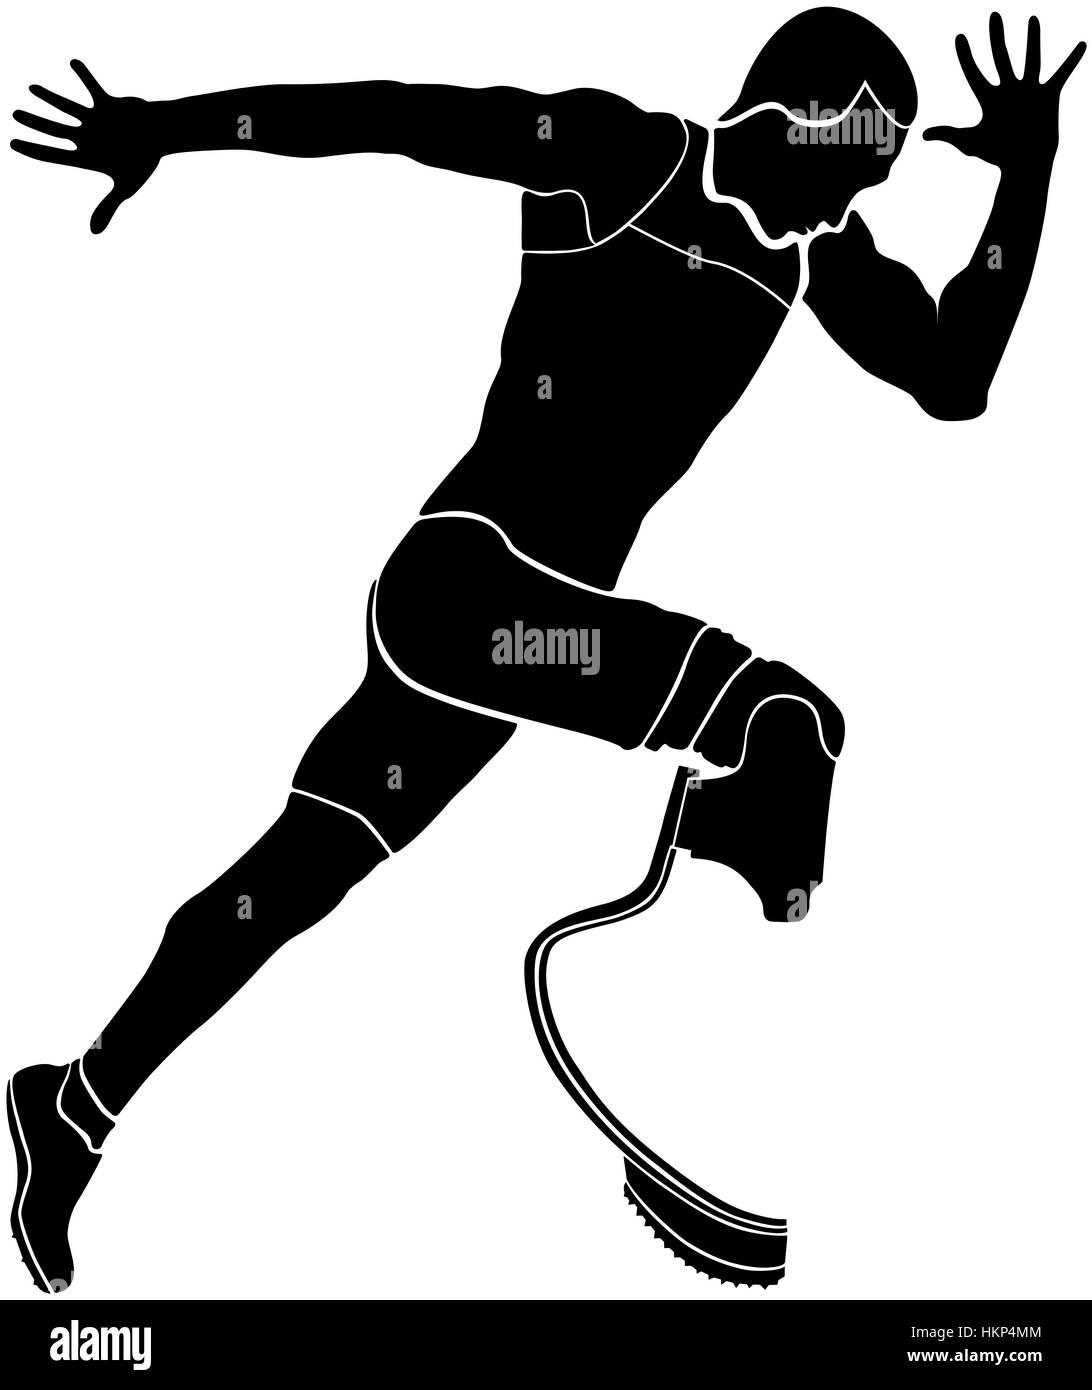 Athlète coureur explosif mobilité amputee silhouette noire Photo Stock